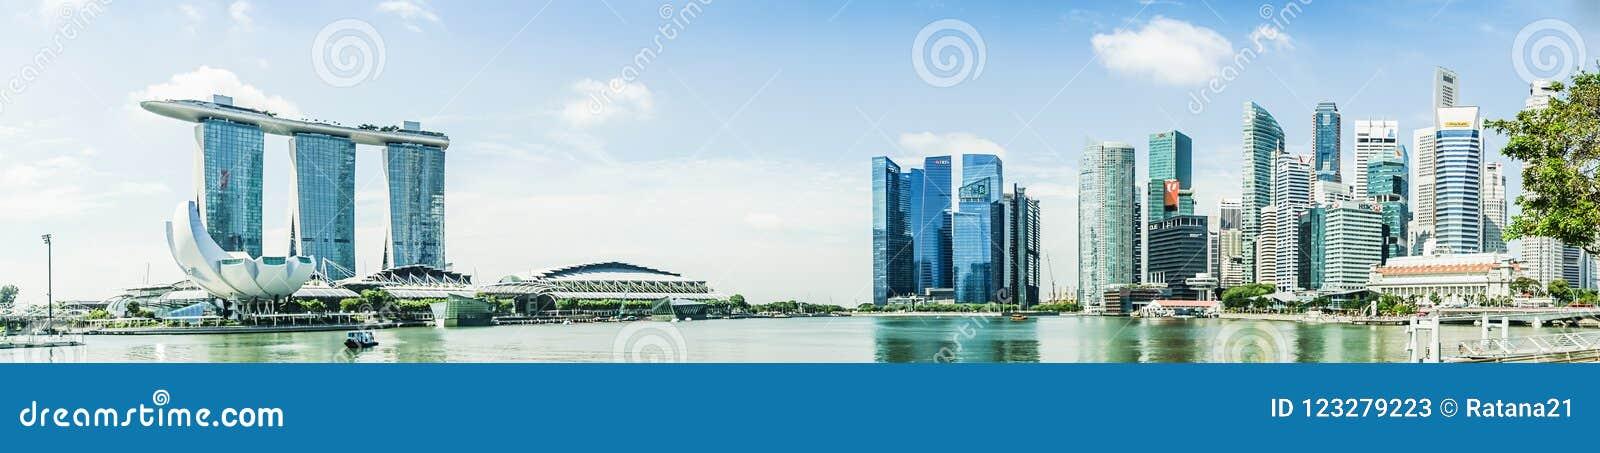 SINGAPUR - APRIL 7,2017: Panoramabild von Marina Bay Sands und von Finanzzentrum